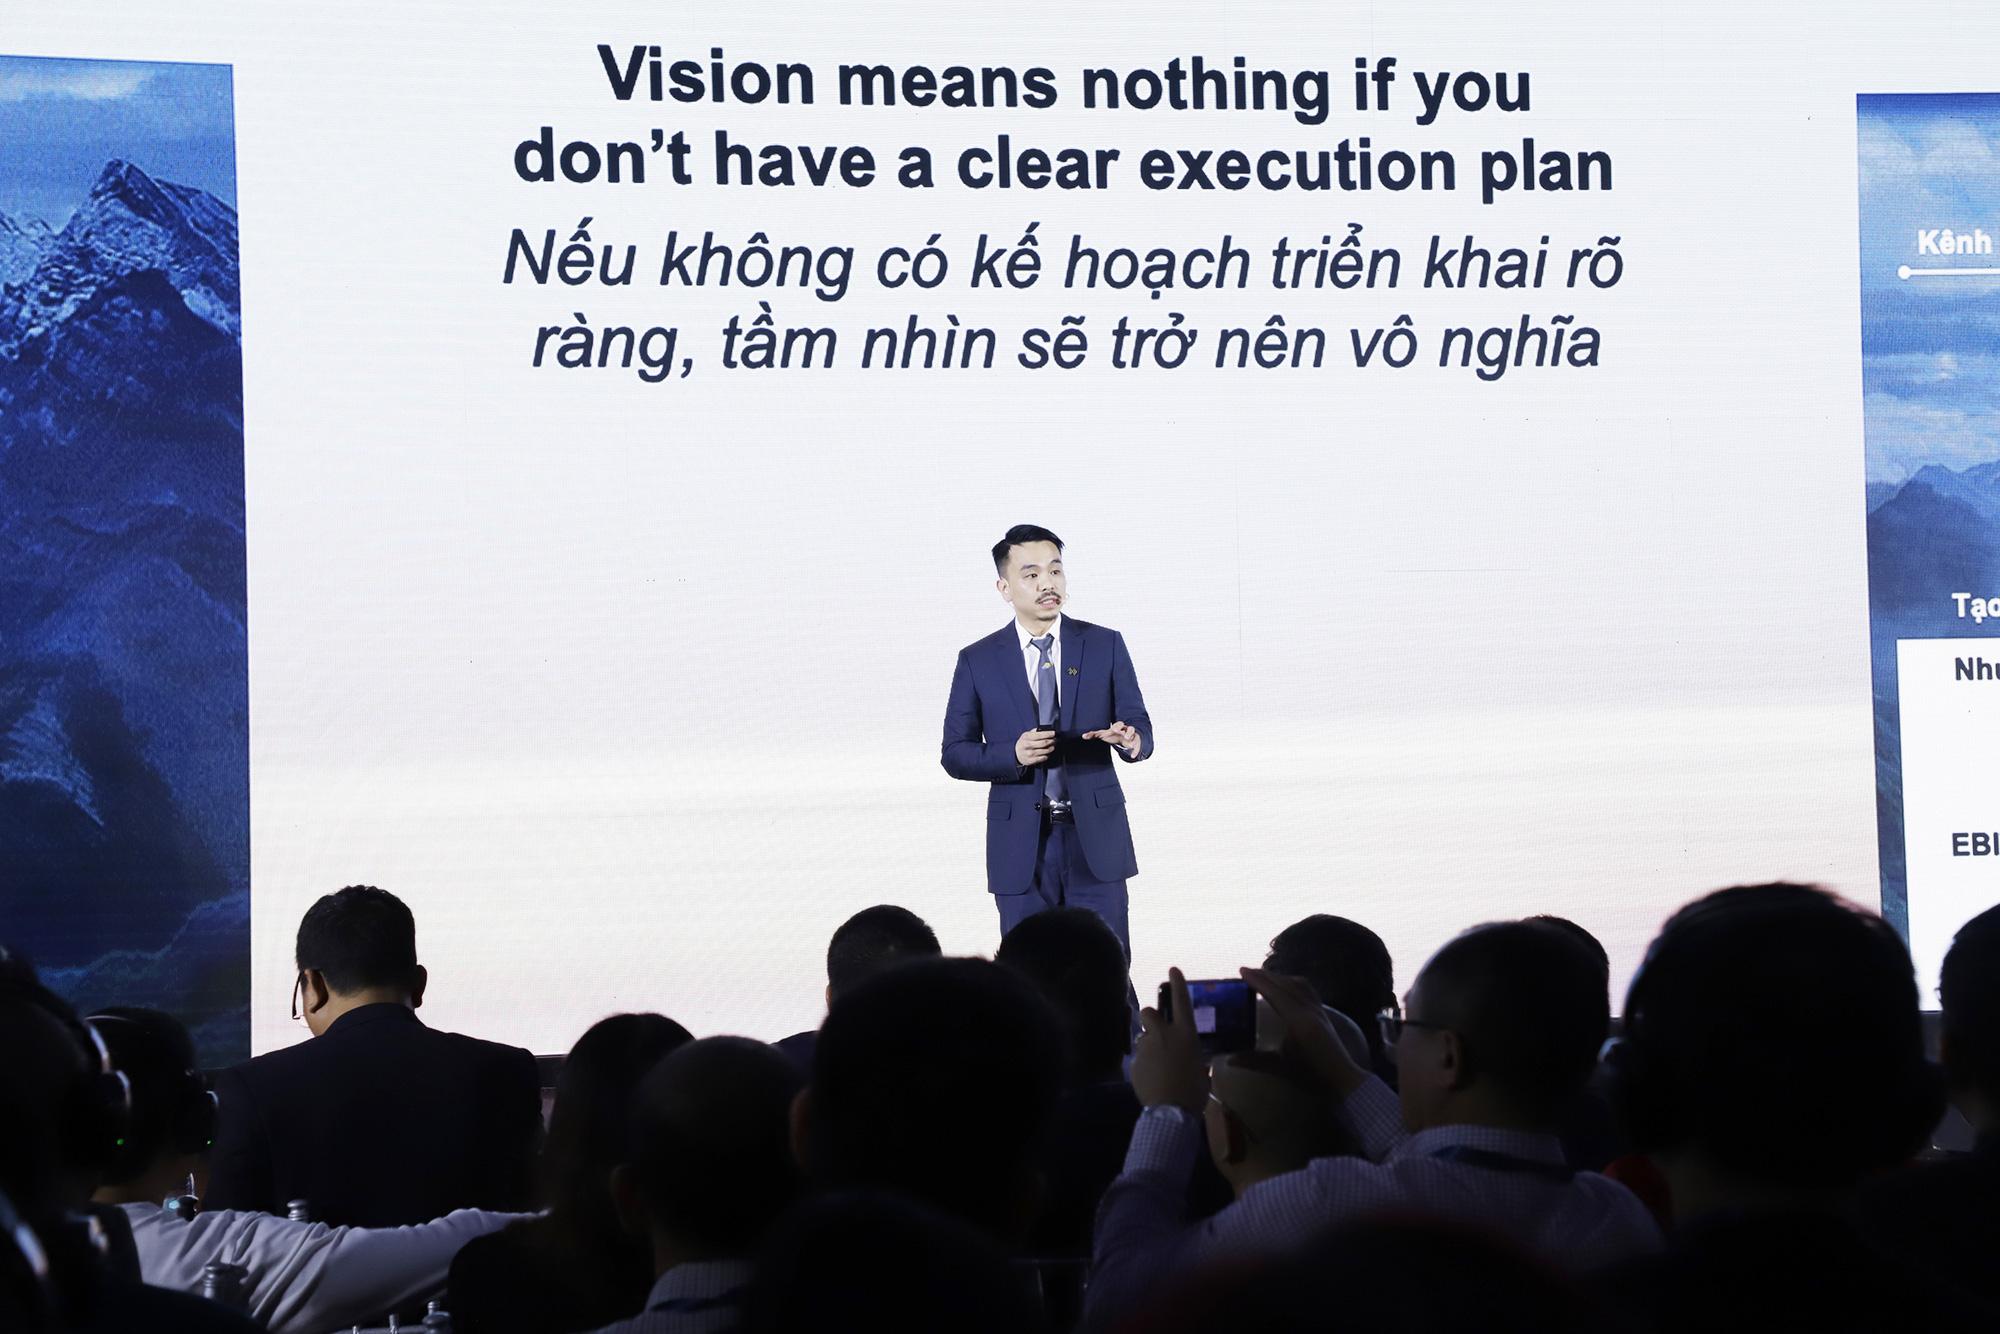 Masan và mục tiêu trở thành nhà bán lẻ hàng đầu Việt Nam, hướng về thị trường nông thôn, phục vụ 30-50 triệu người - Ảnh 2.